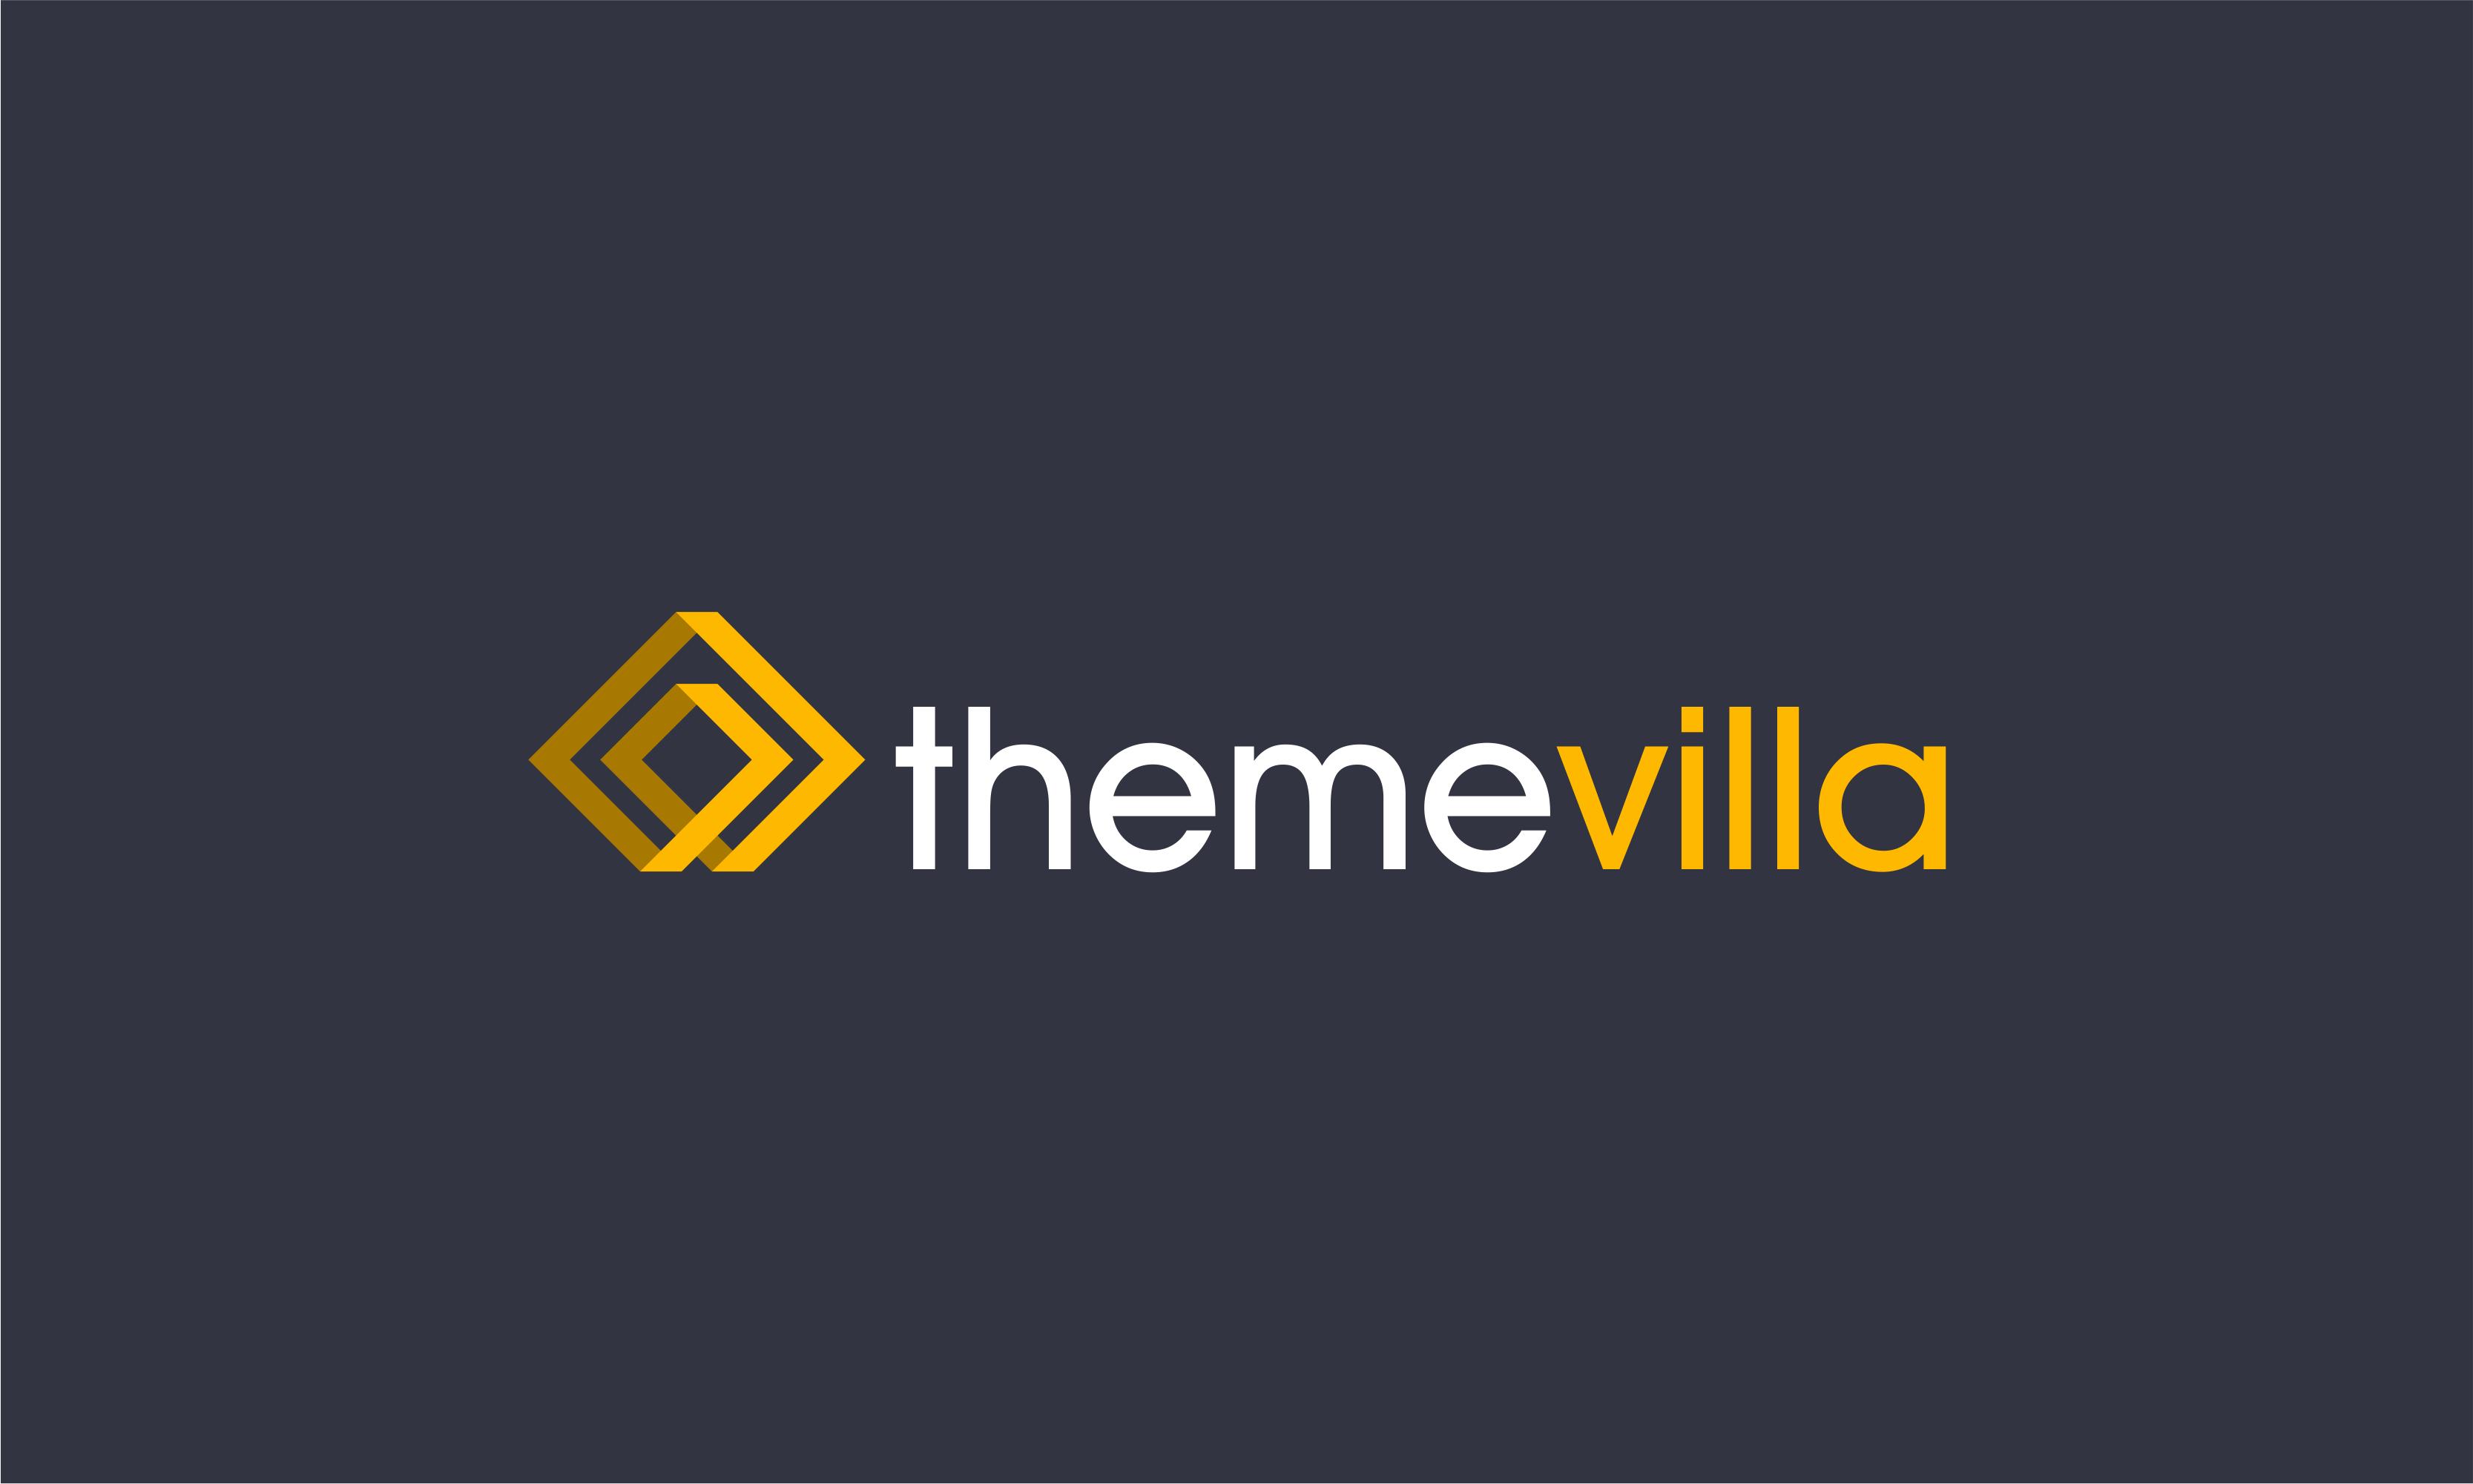 Themevilla